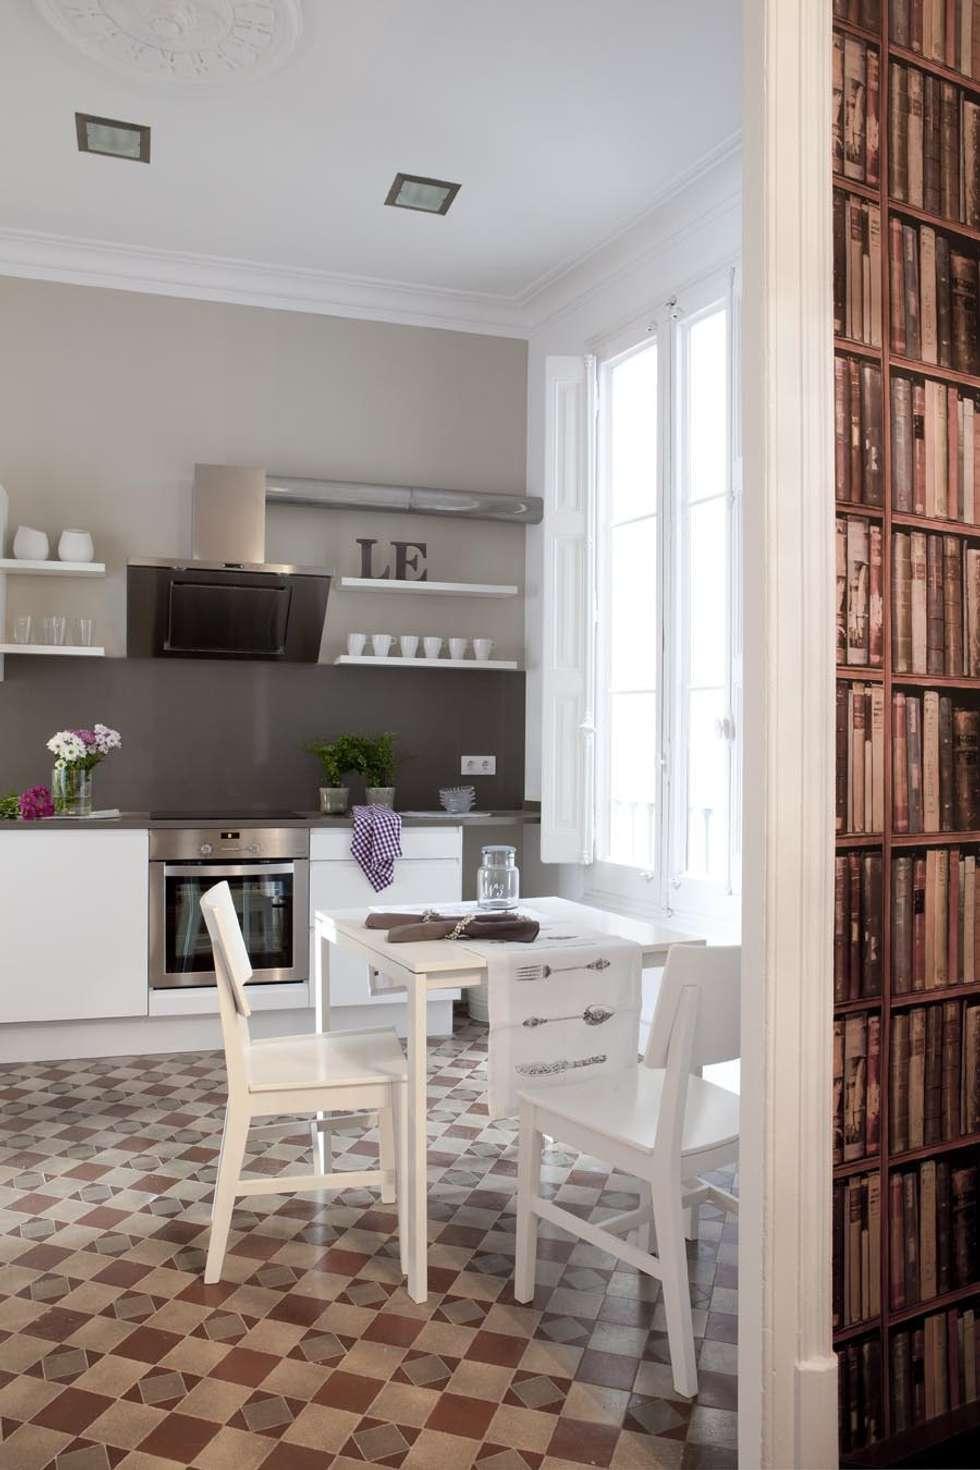 Fotos De Decoraci N Y Dise O De Interiores Homify ~ Decoracion Modernista Interiores